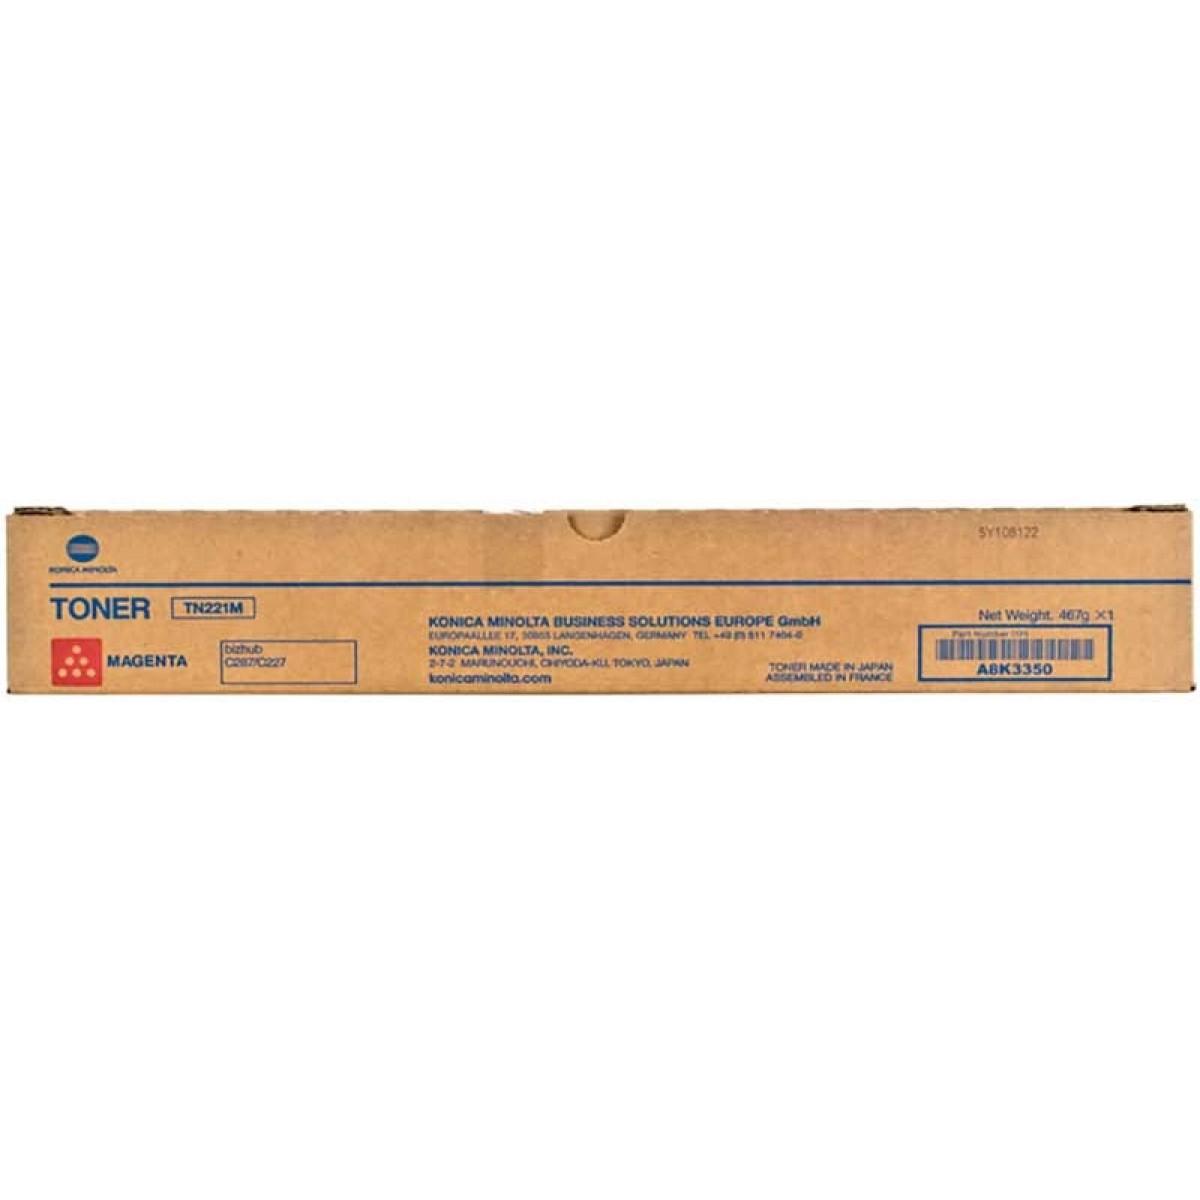 KONICA MINOLTA BIZHUB C227/287 TONER MAGENTA (A8K3350) (MINTN221M)